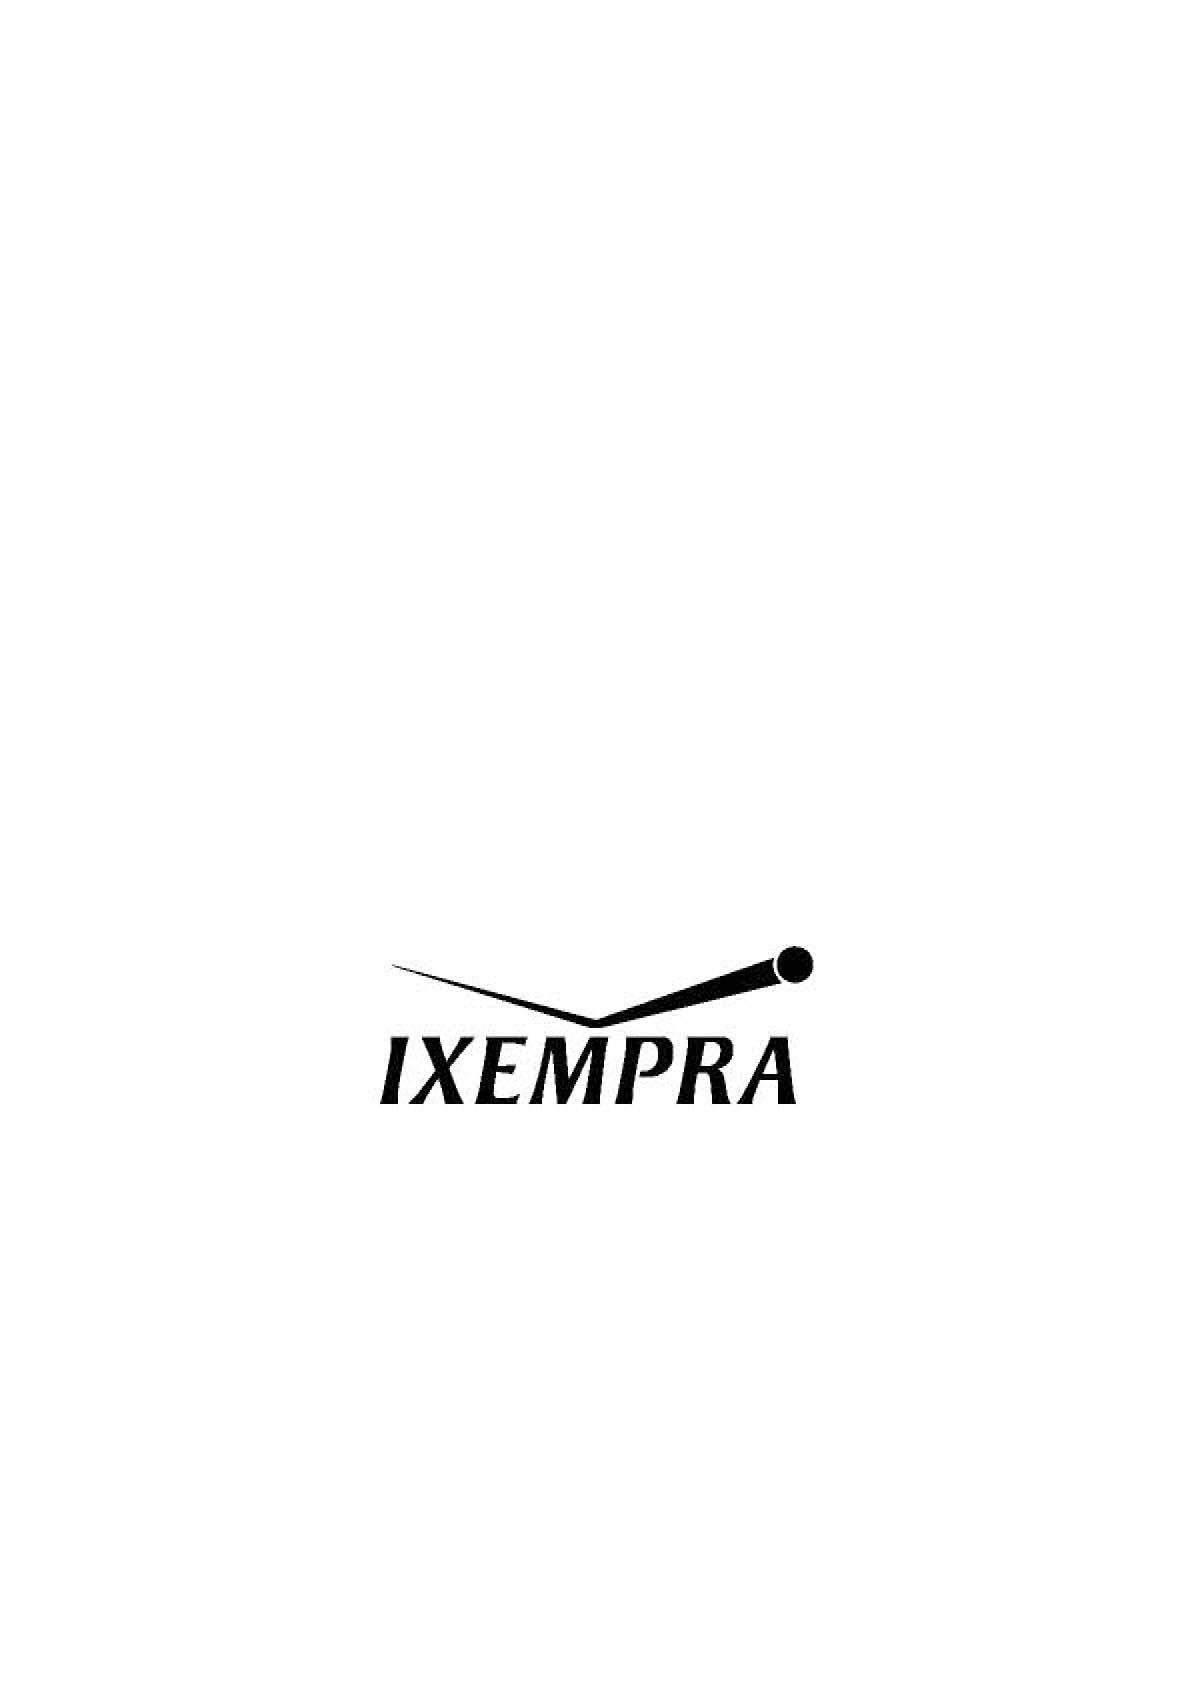 IXEMPRA